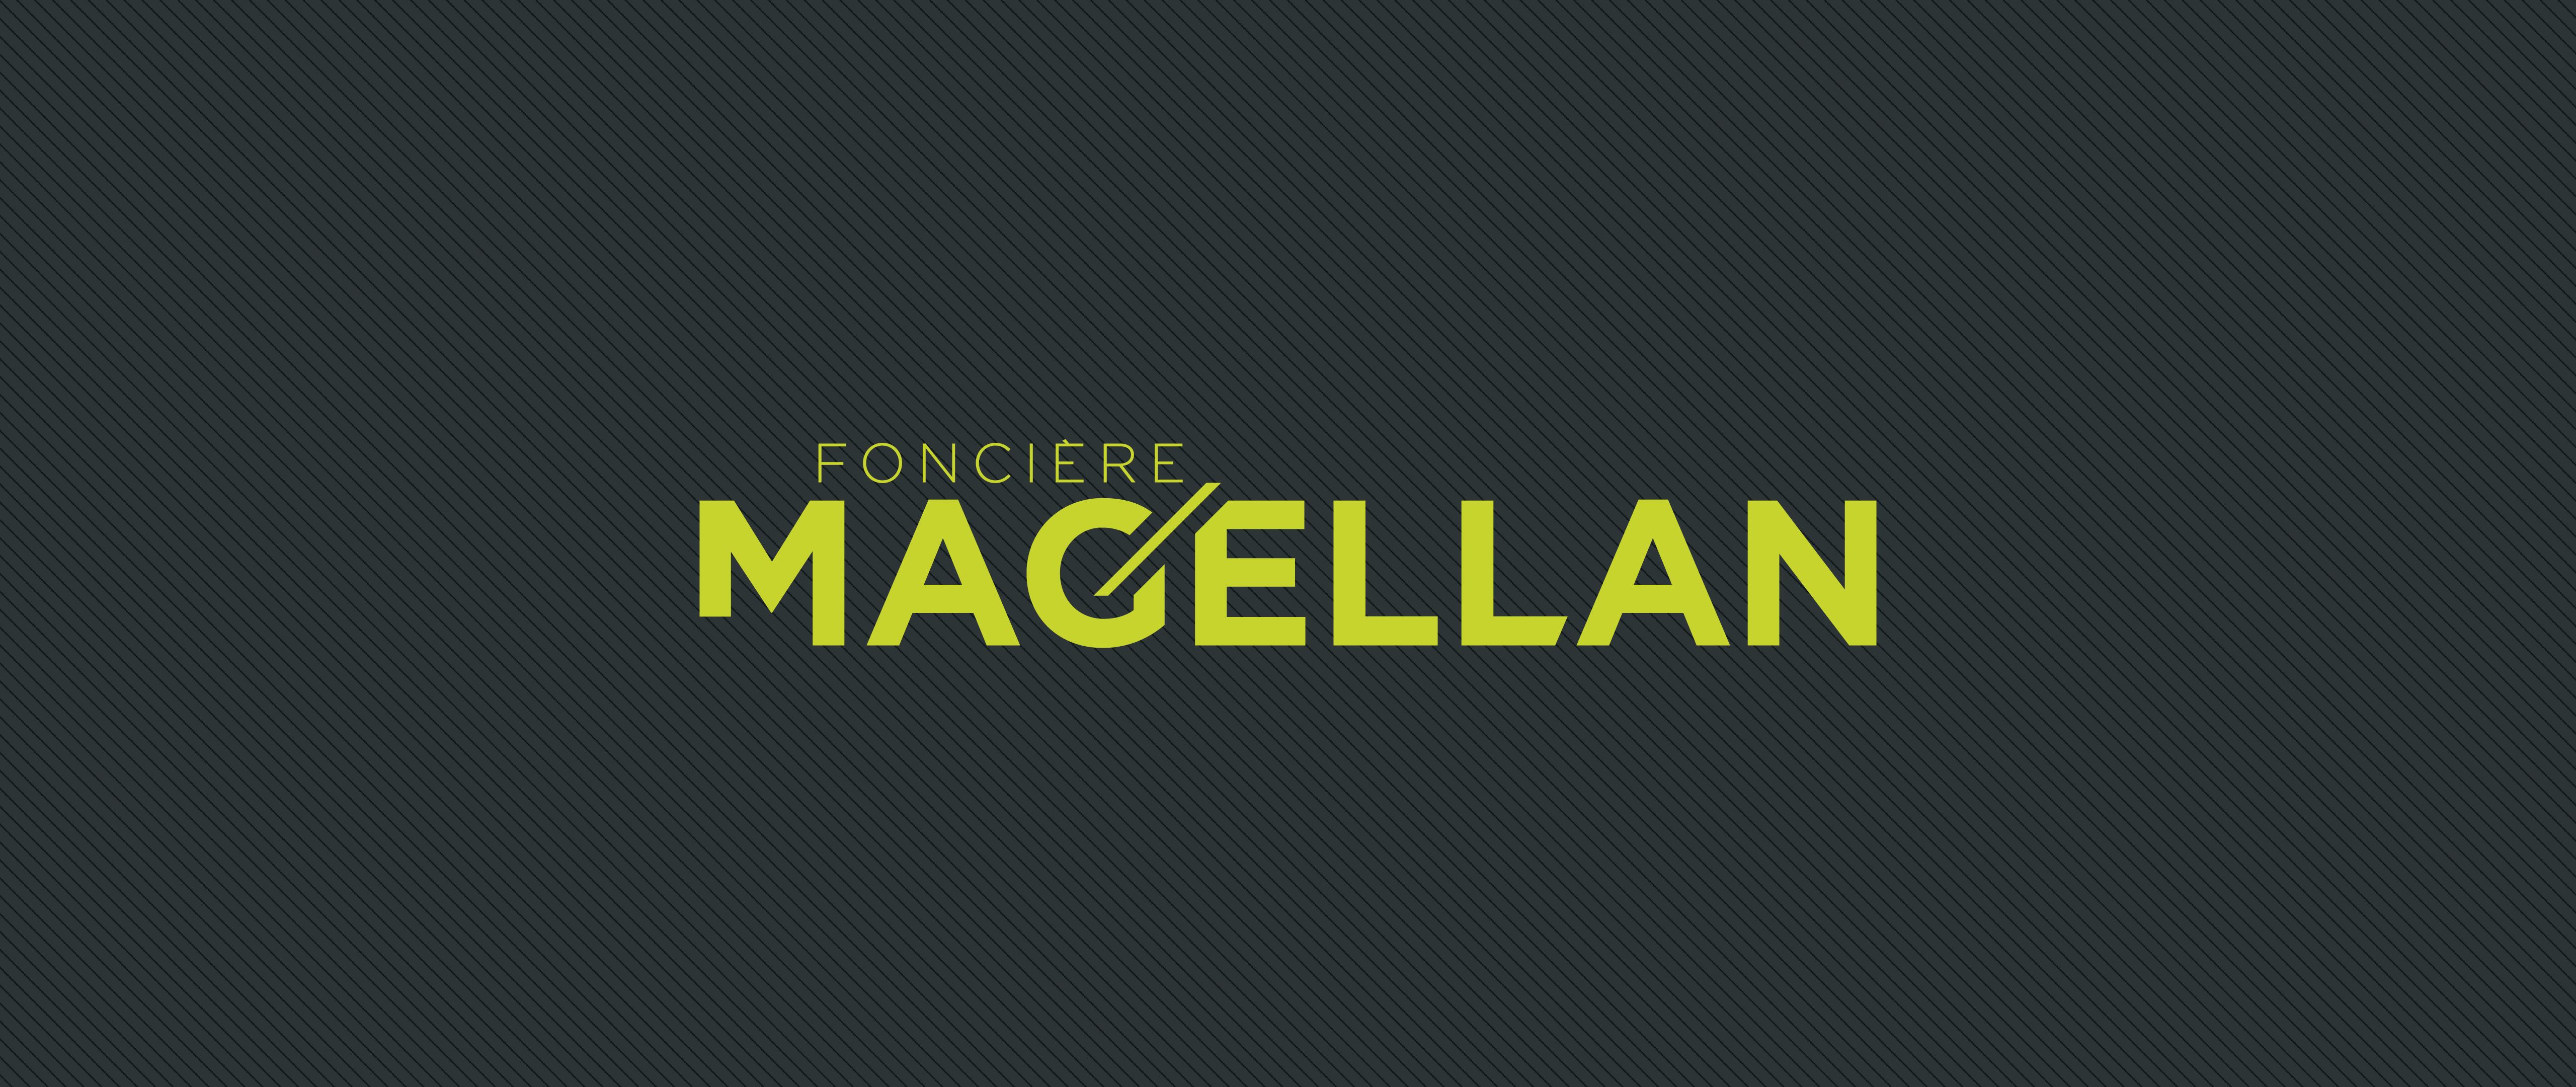 Fonciere magellan